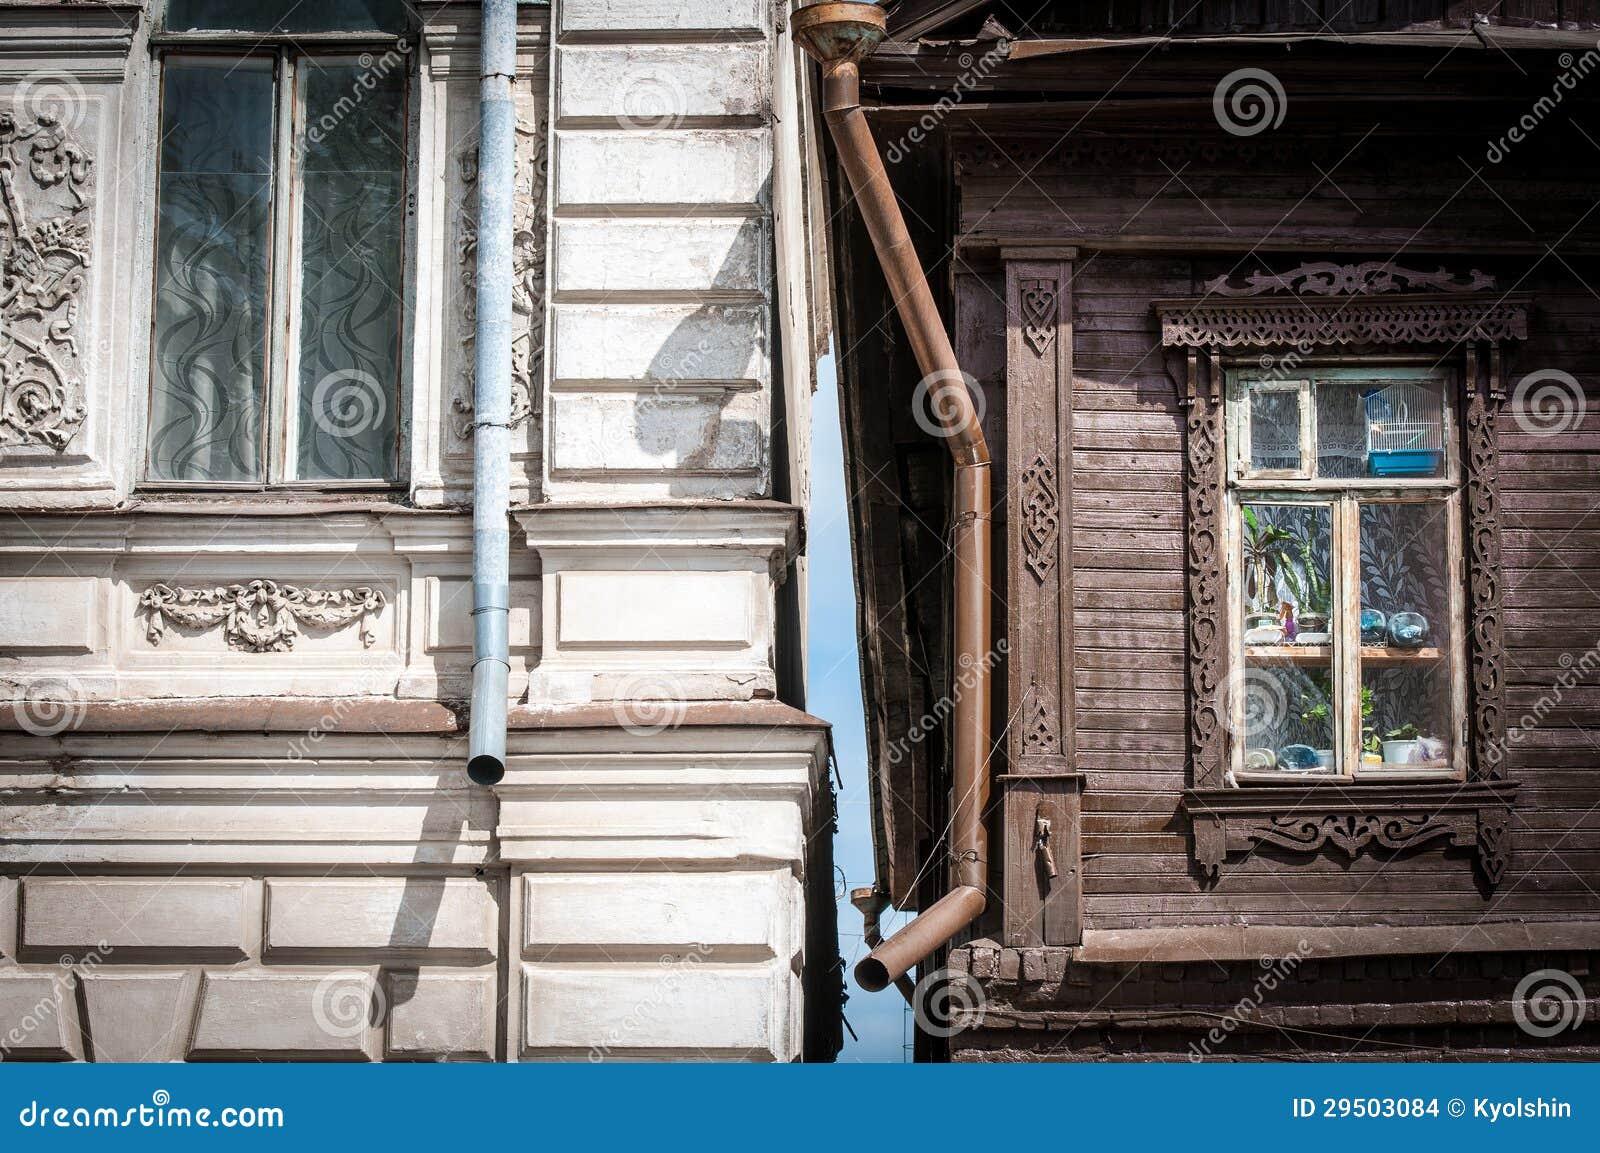 Twee huizen in Rusland: oude houten en baksteen.